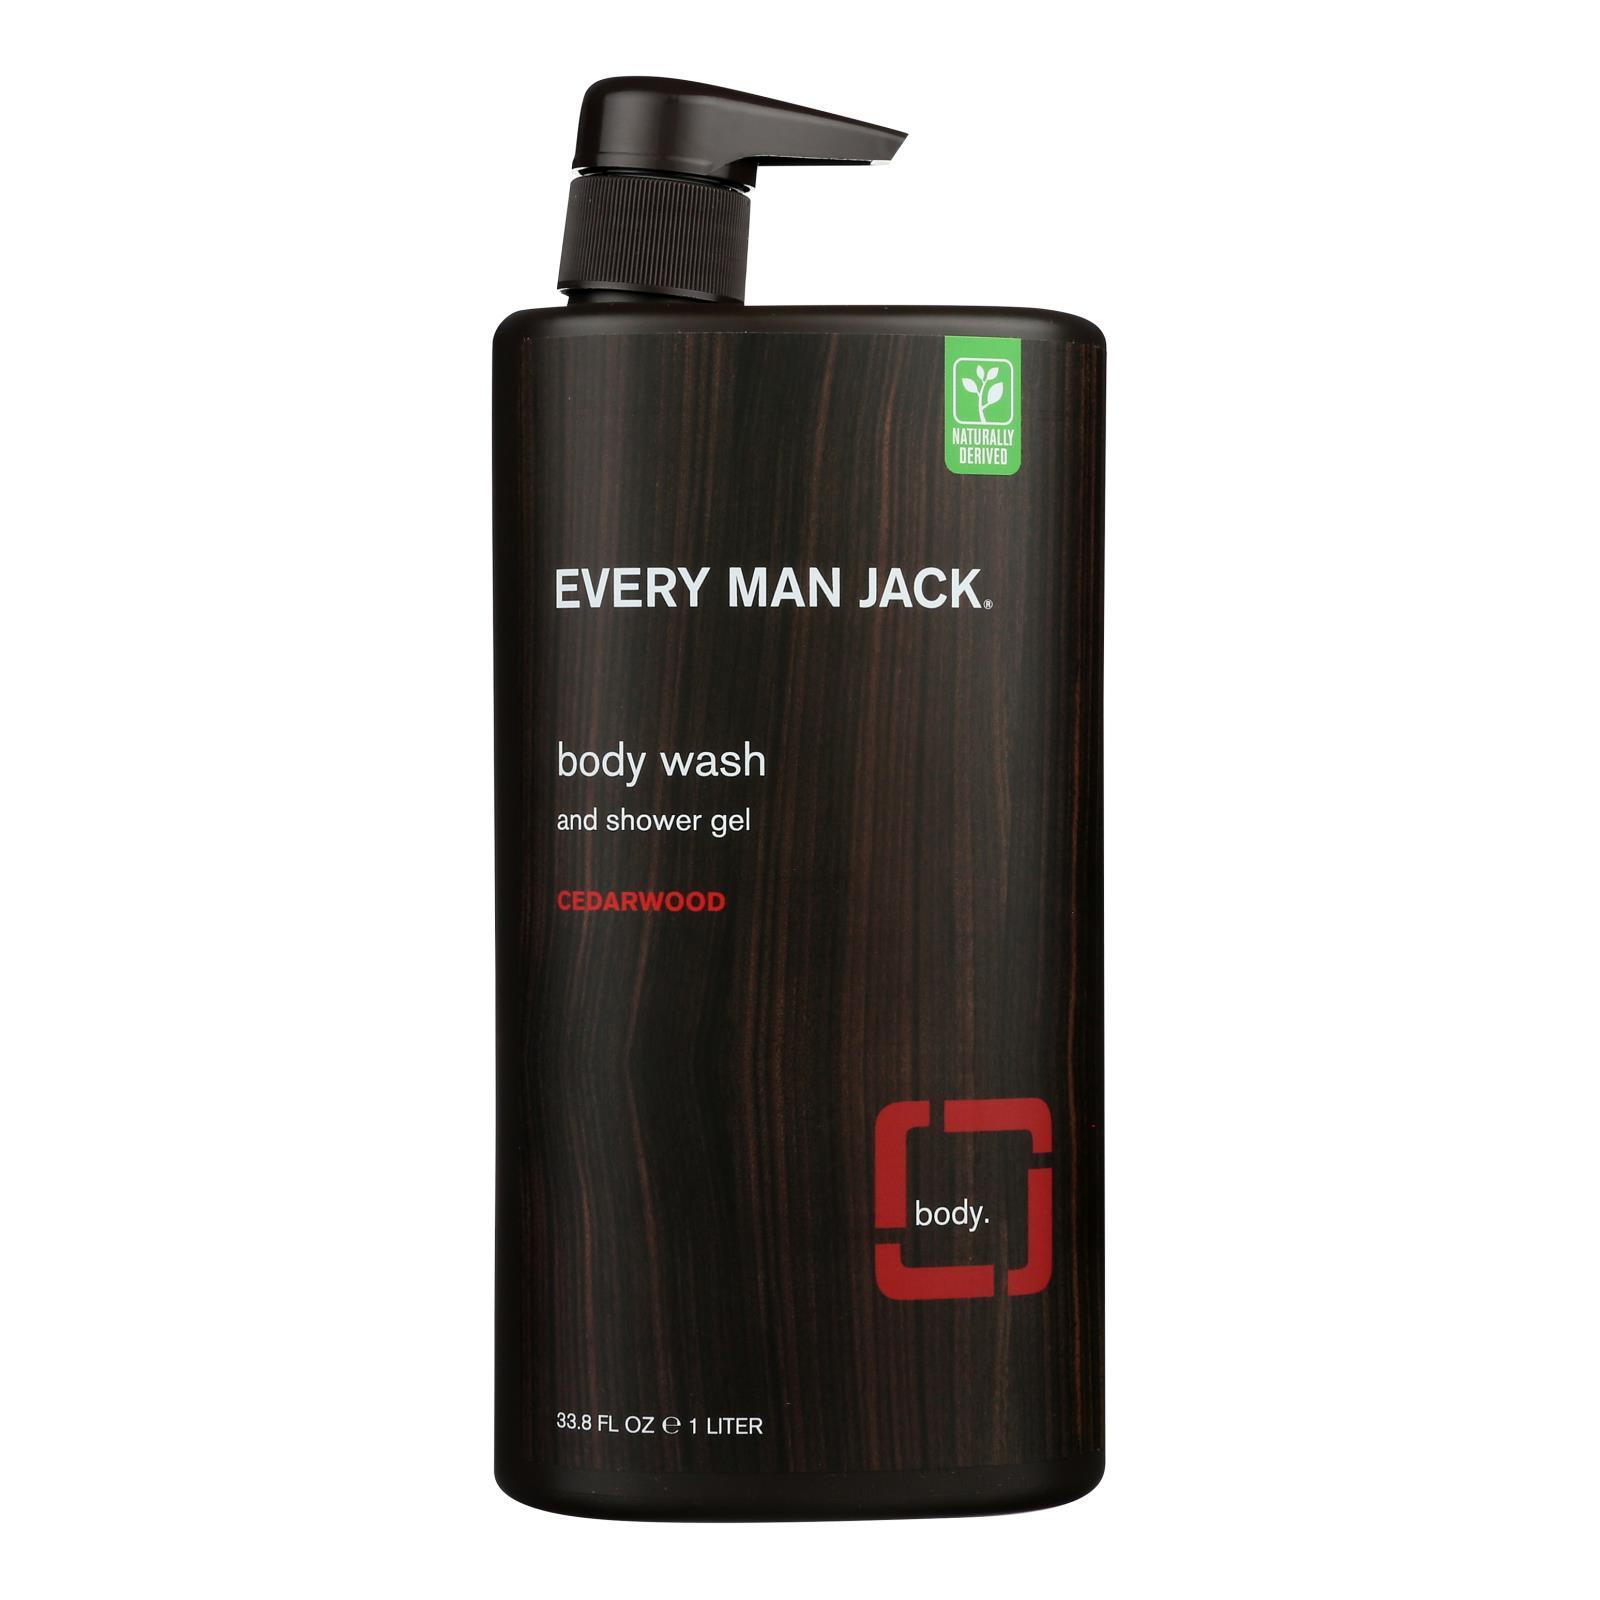 Every Man Jack Body Wash Cedarwood Body Wash - Case of 33.8 - 33.8 fl oz.